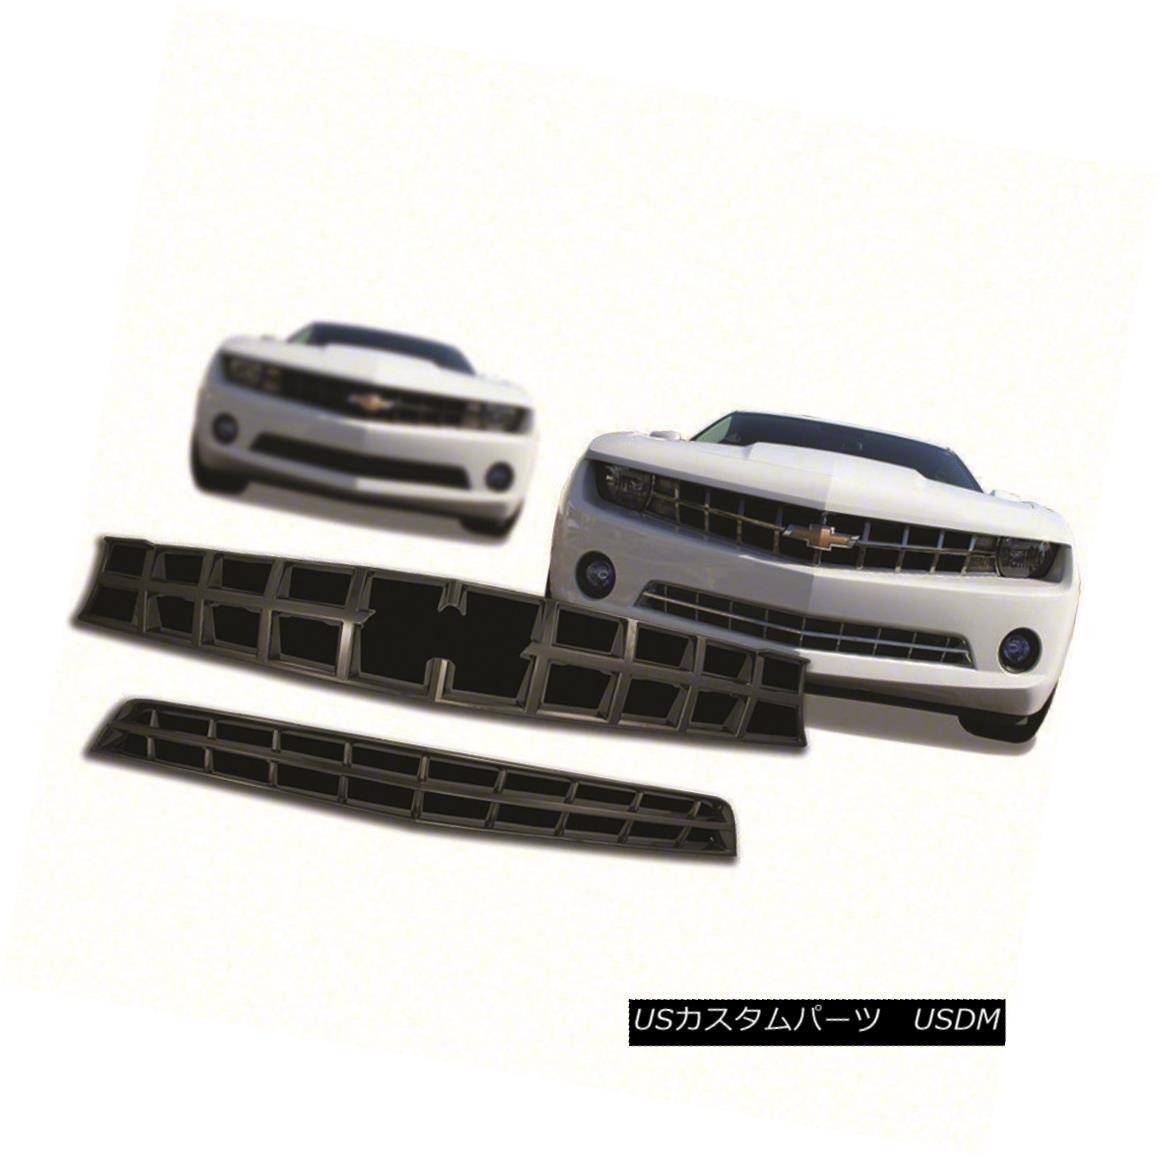 グリル Fits 2010-13 Chevrolet Camaro-IWCGI86BC-2pc Black Chrome Grille Overlay フィット2010-13シボレーカマロ-IWCGI86 BC-2pcブラッククロームグリルオーバーレイ